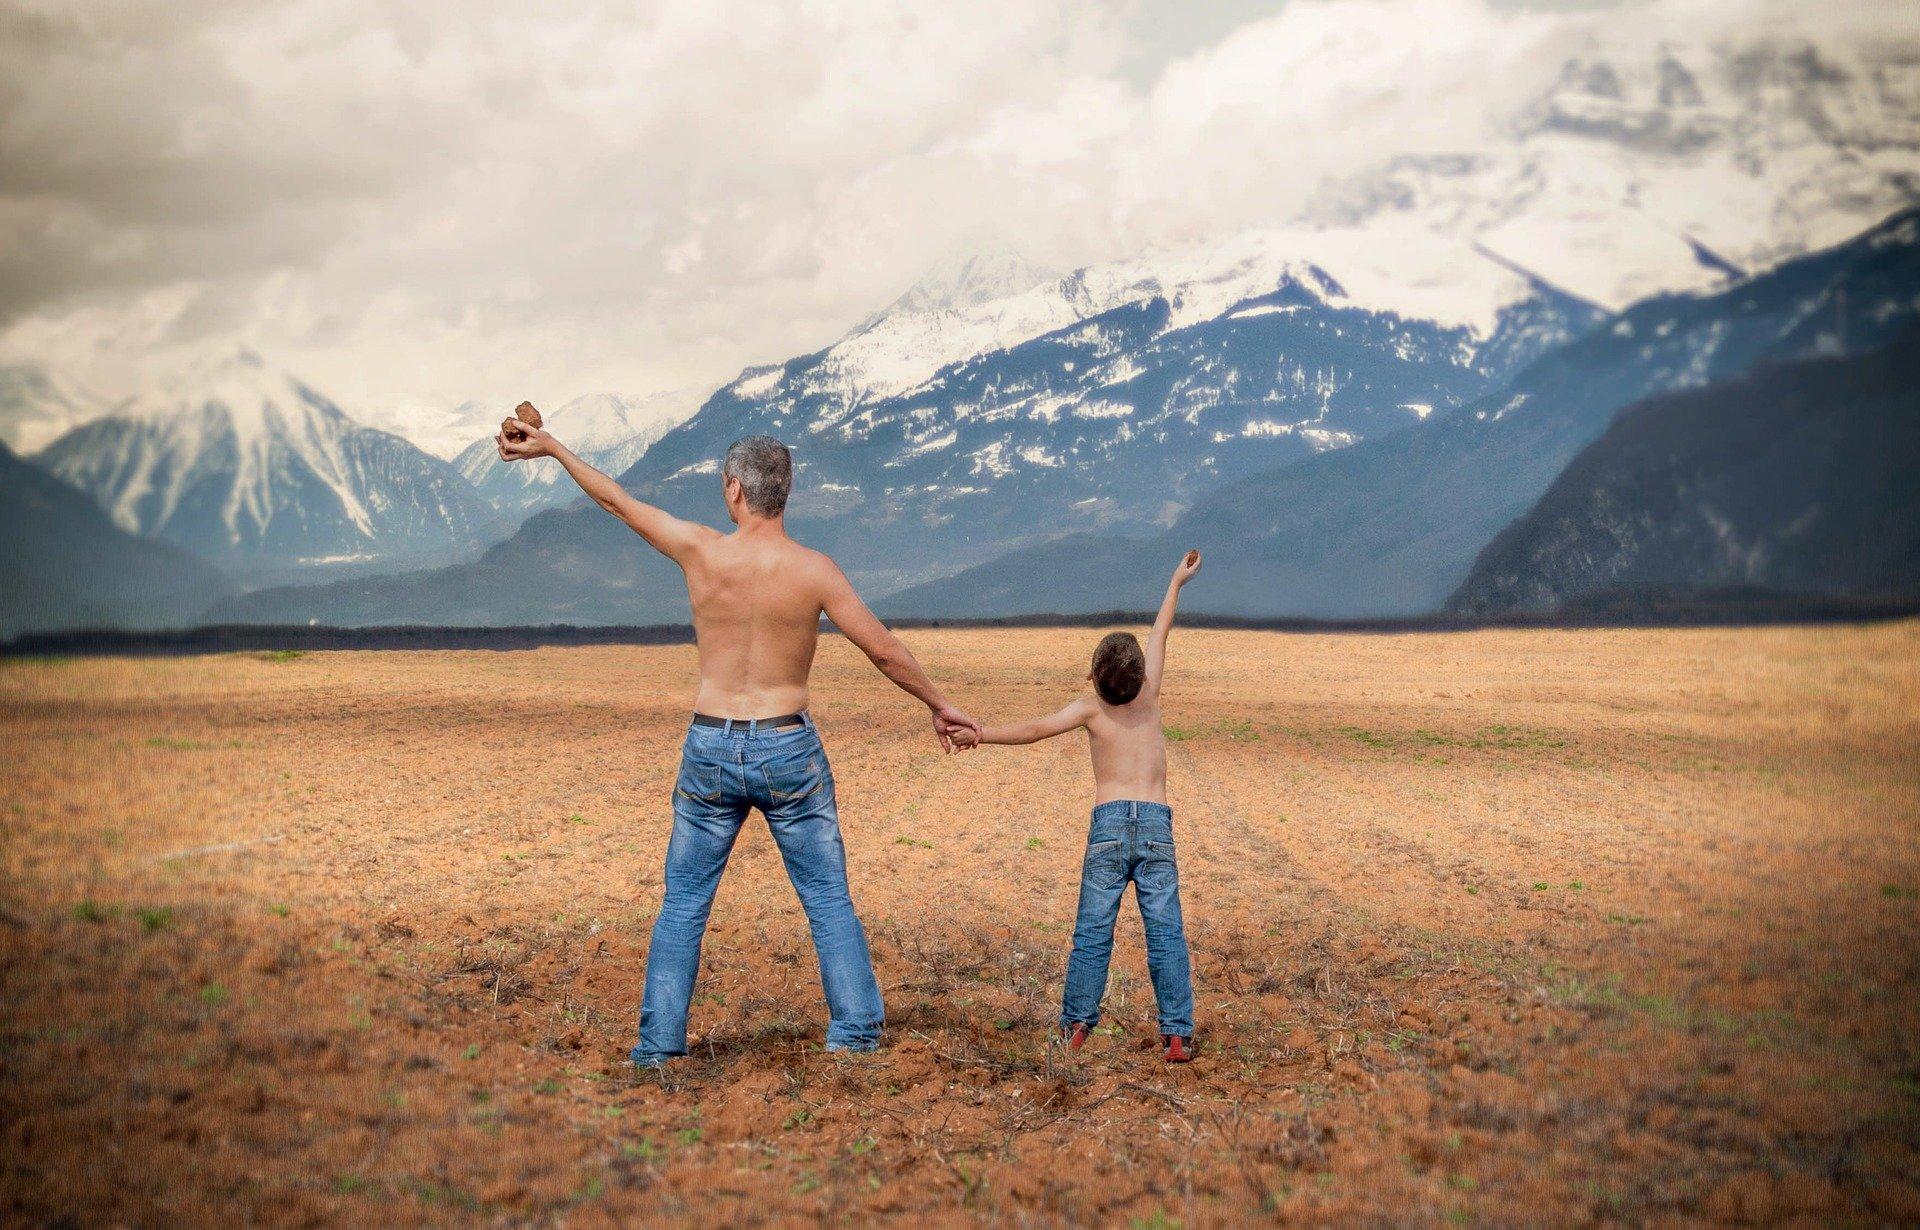 su un campo in montagna, padre e figlio a dorso nudo che si tengono per mano e con l'altra alzata in cielo tenendo un oggetto